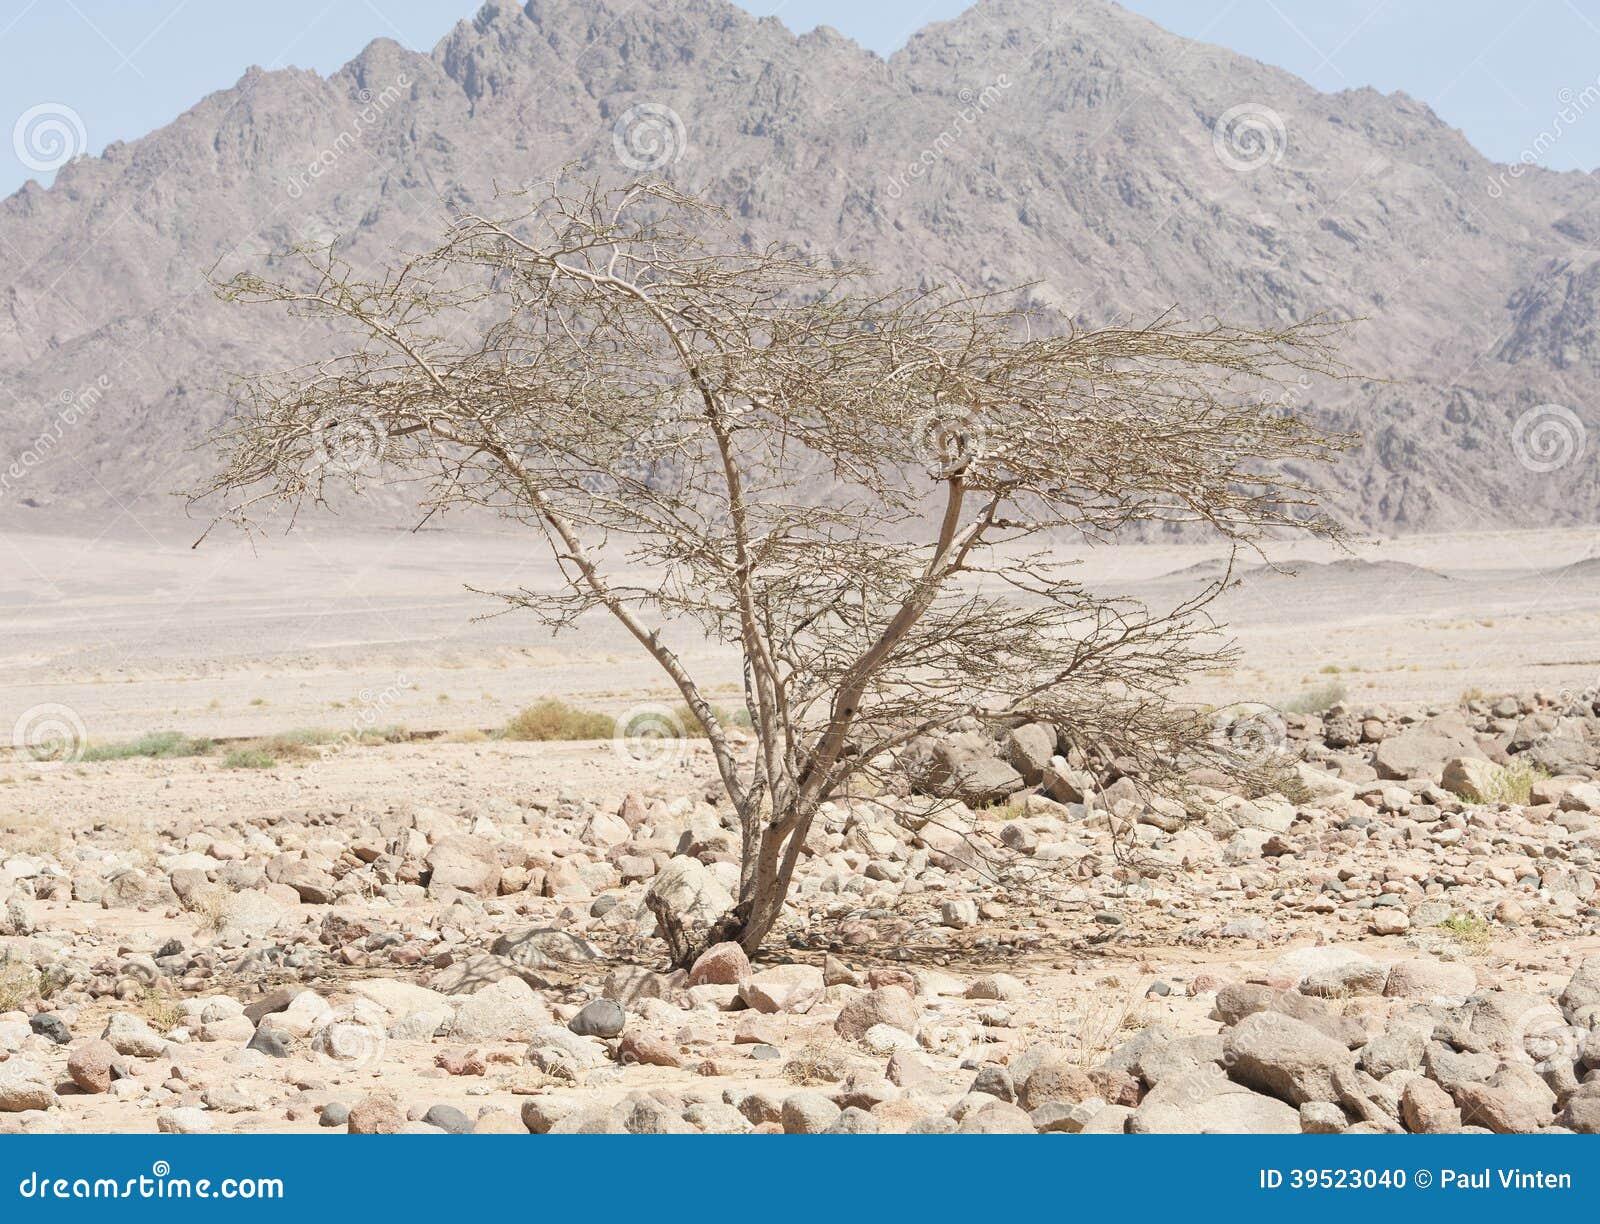 Albero dell 39 acacia che cresce in un deserto roccioso for Acacia albero